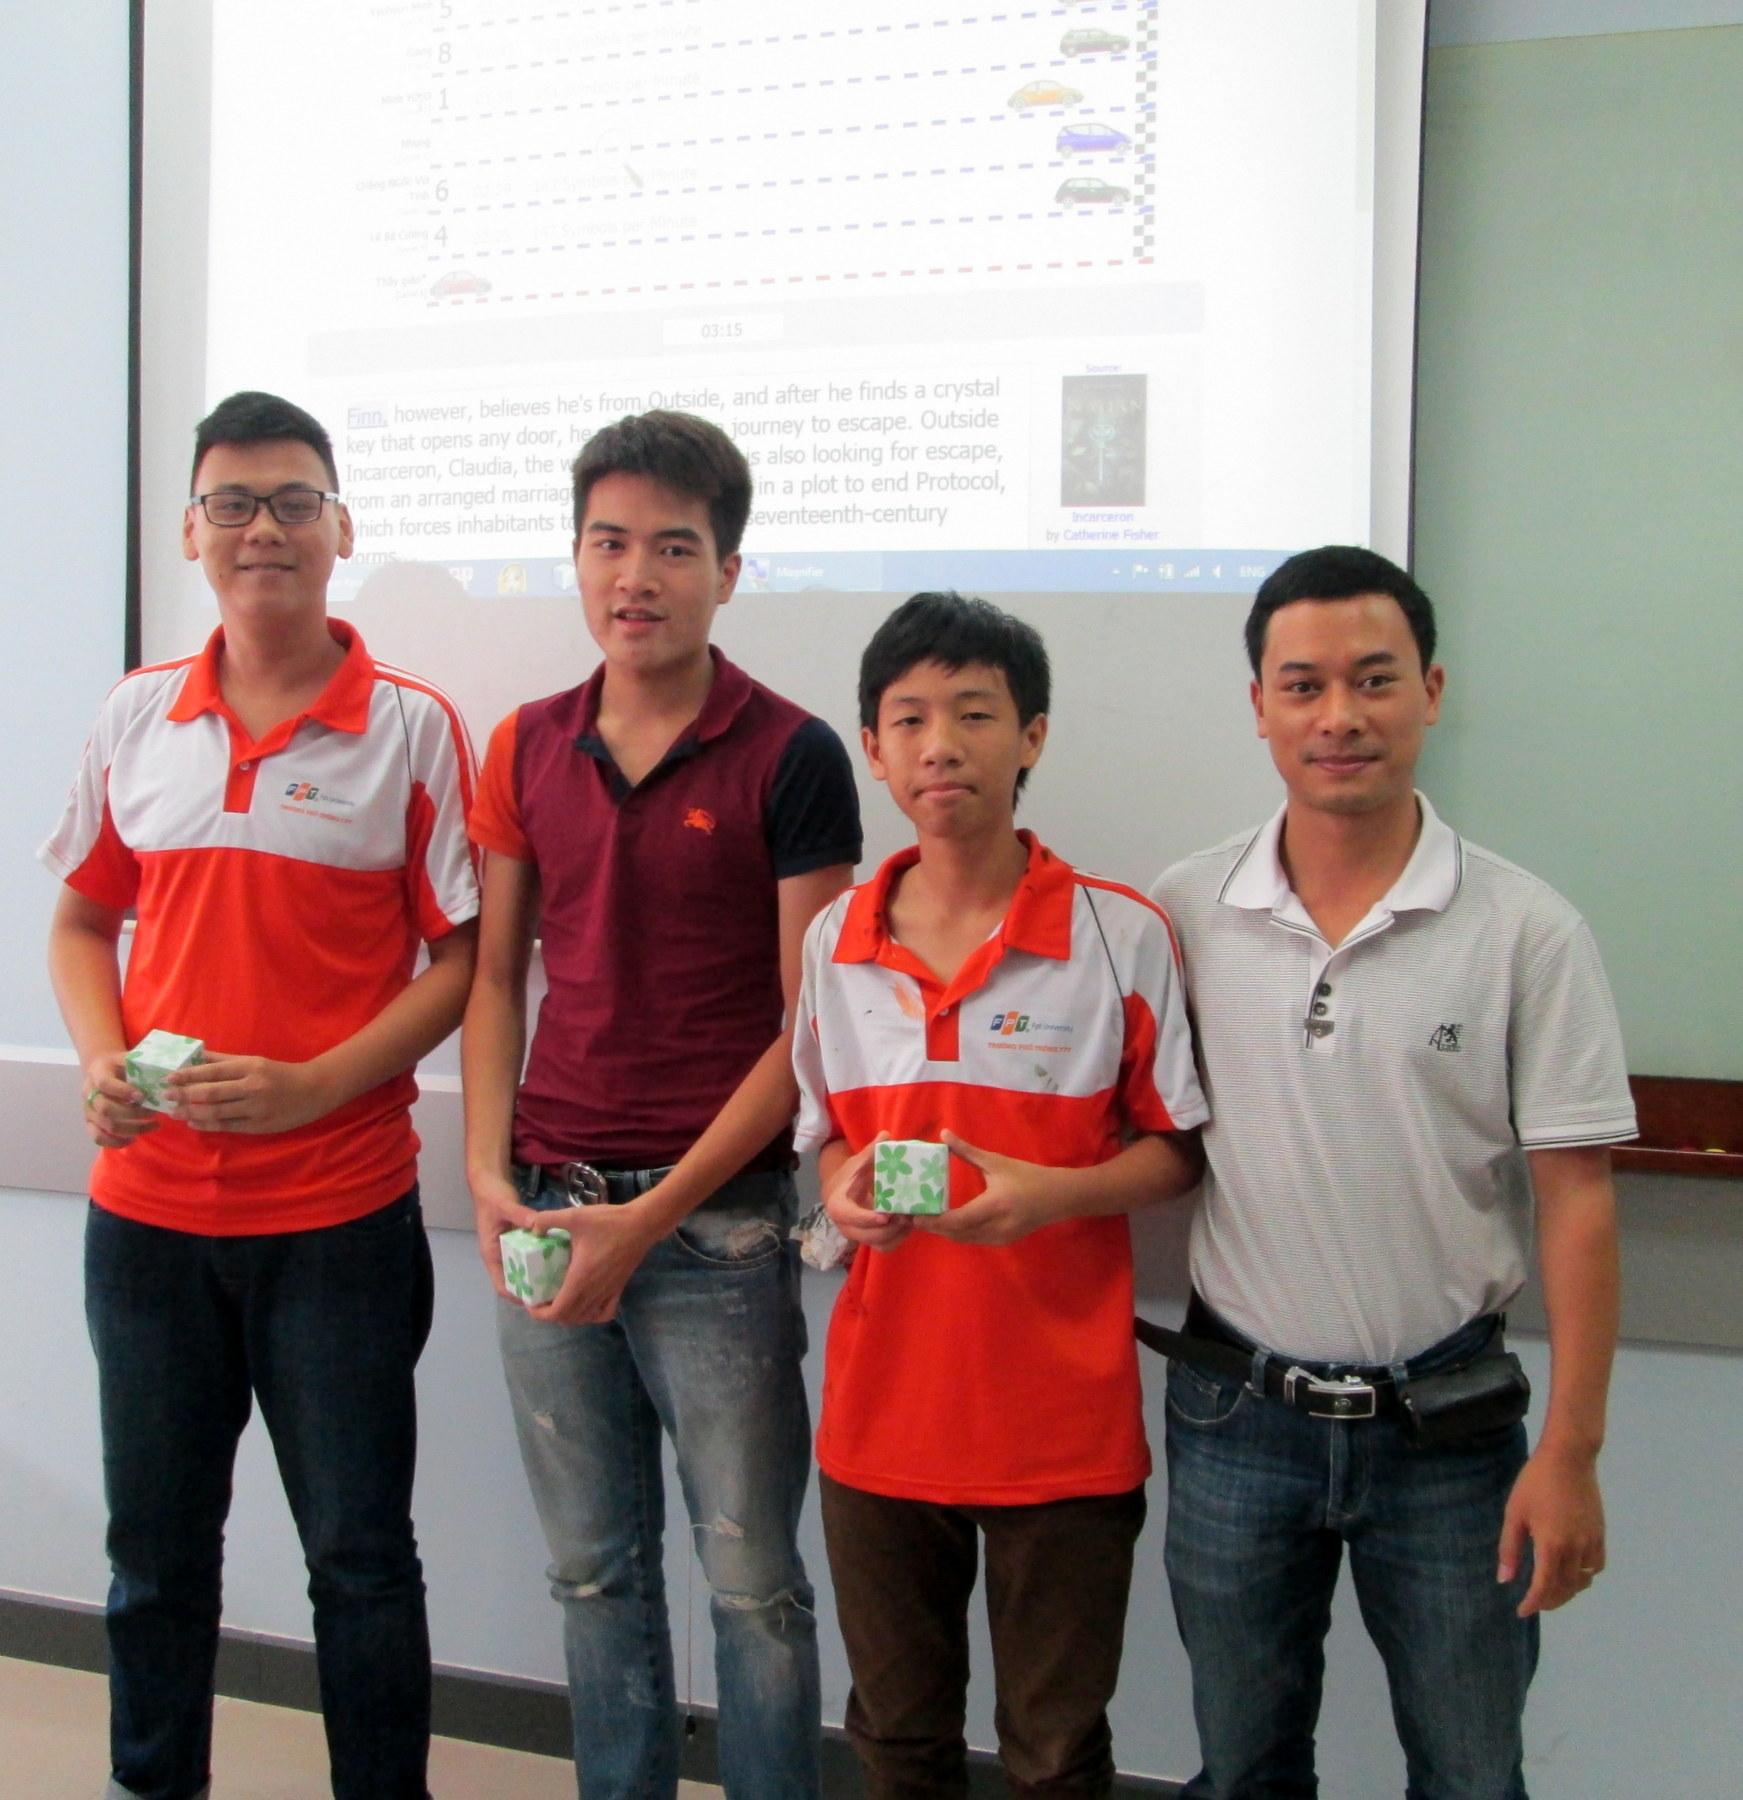 Các học sinh Quang – Lâm – Minh (học sinh lớp 10G) giành chiến thắng và nhận phần thưởng trong giờ ôn tập.